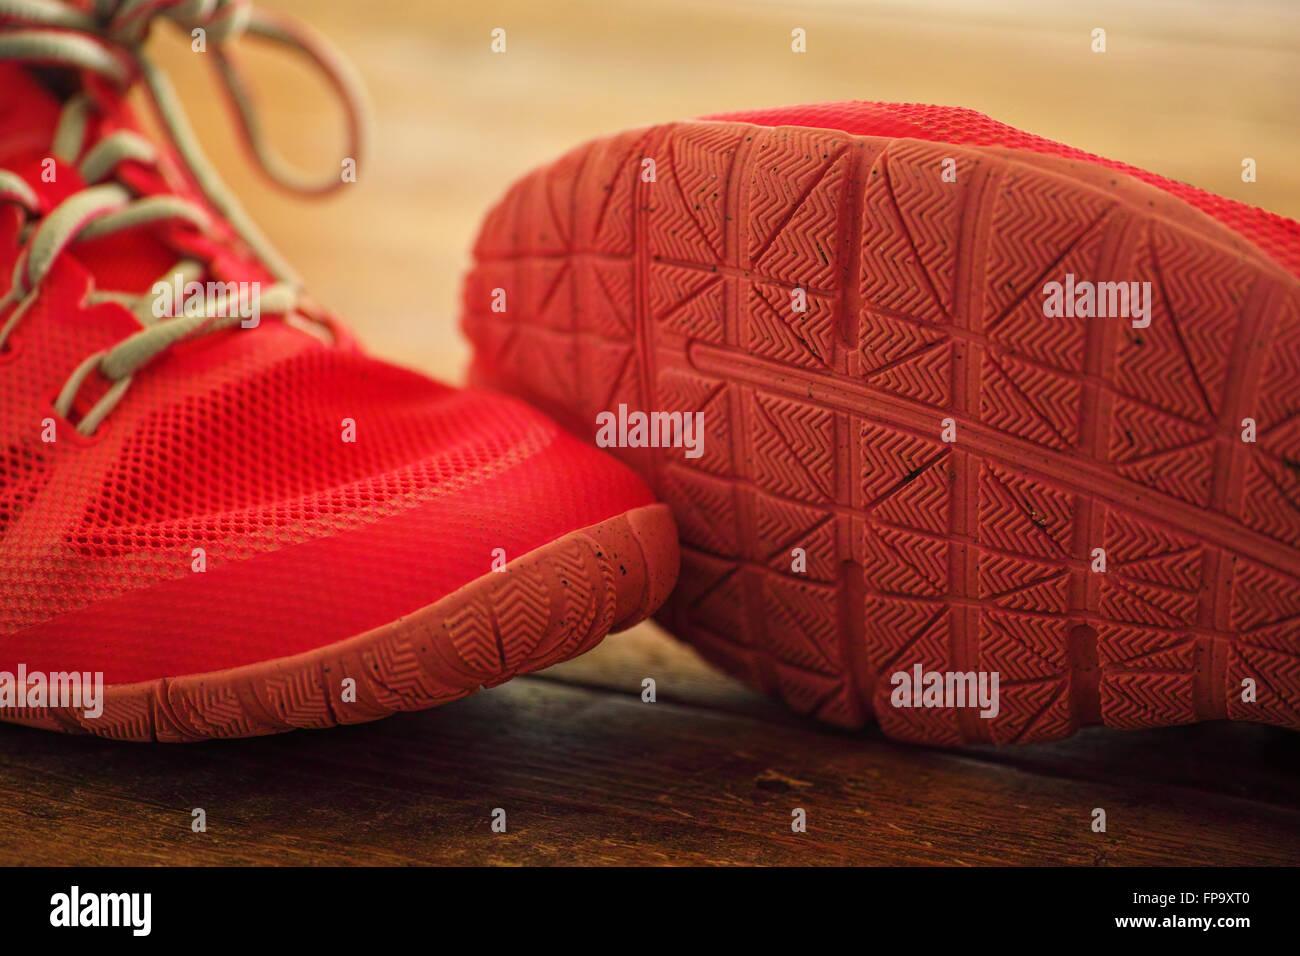 Signore in rosa Nike trainer esercizio scarpe sul pavimento in pannelli di legno Immagini Stock